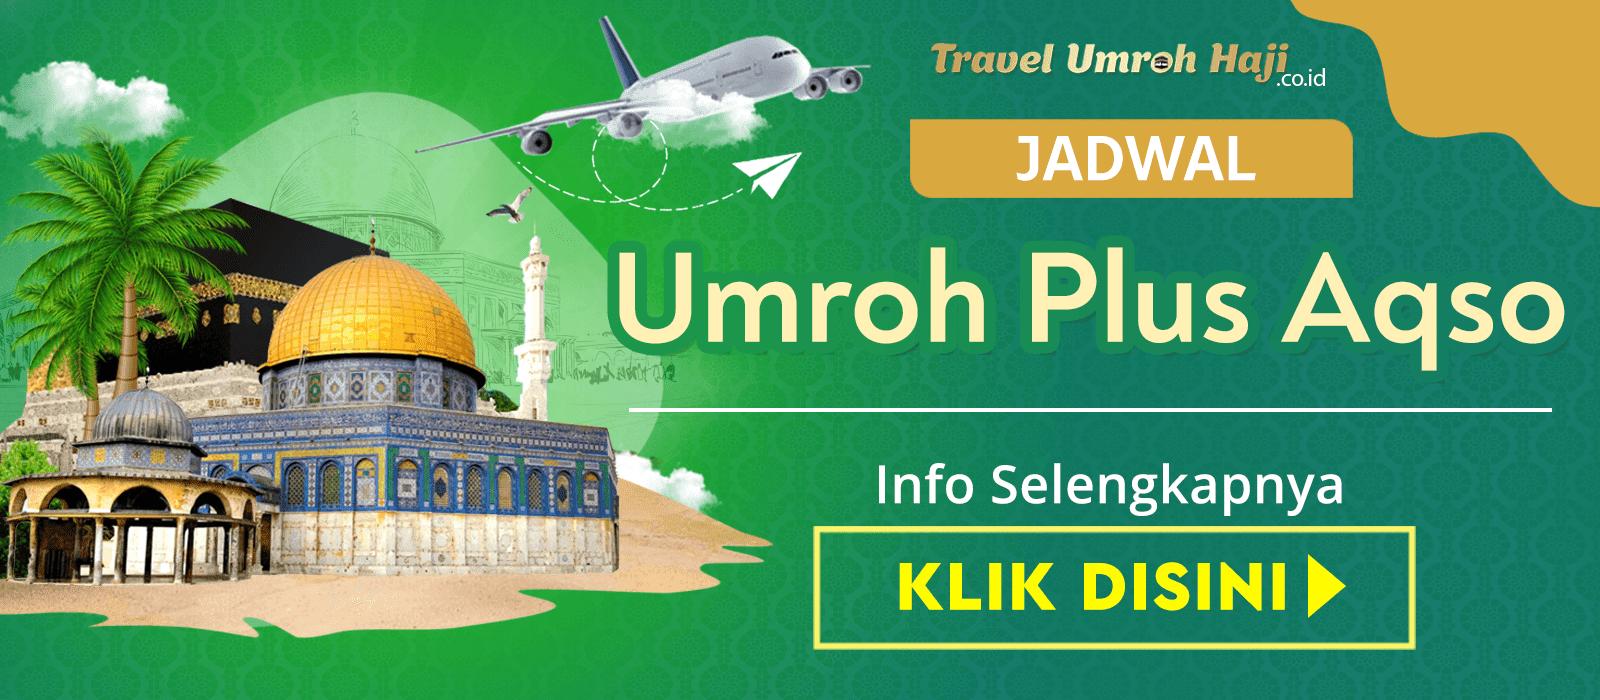 Paket Umroh Plus Aqso Murah Biaya Promo Jadwal Tahun 2020 2021